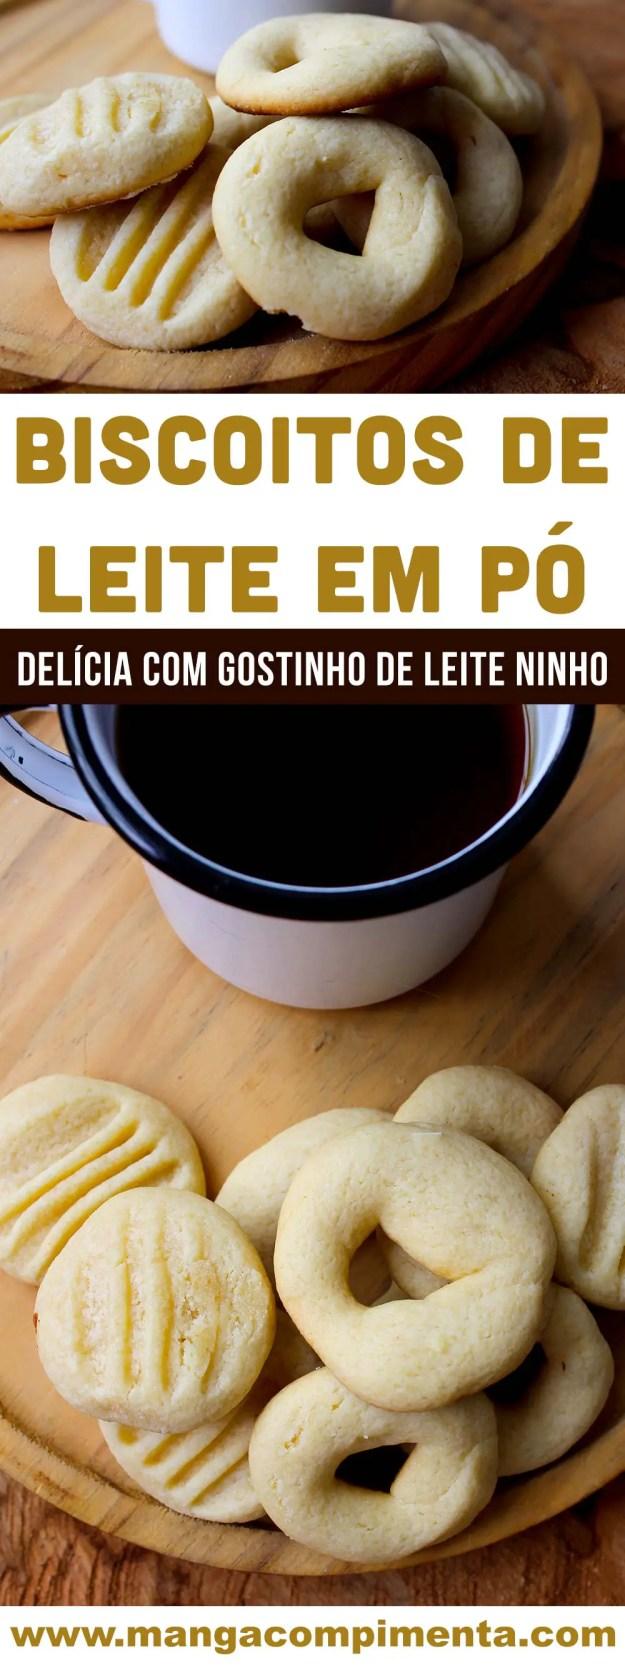 Biscoitos de Leite em Pó | sirva no café da manhã ou da tarde - gostinho de Leite Ninho!